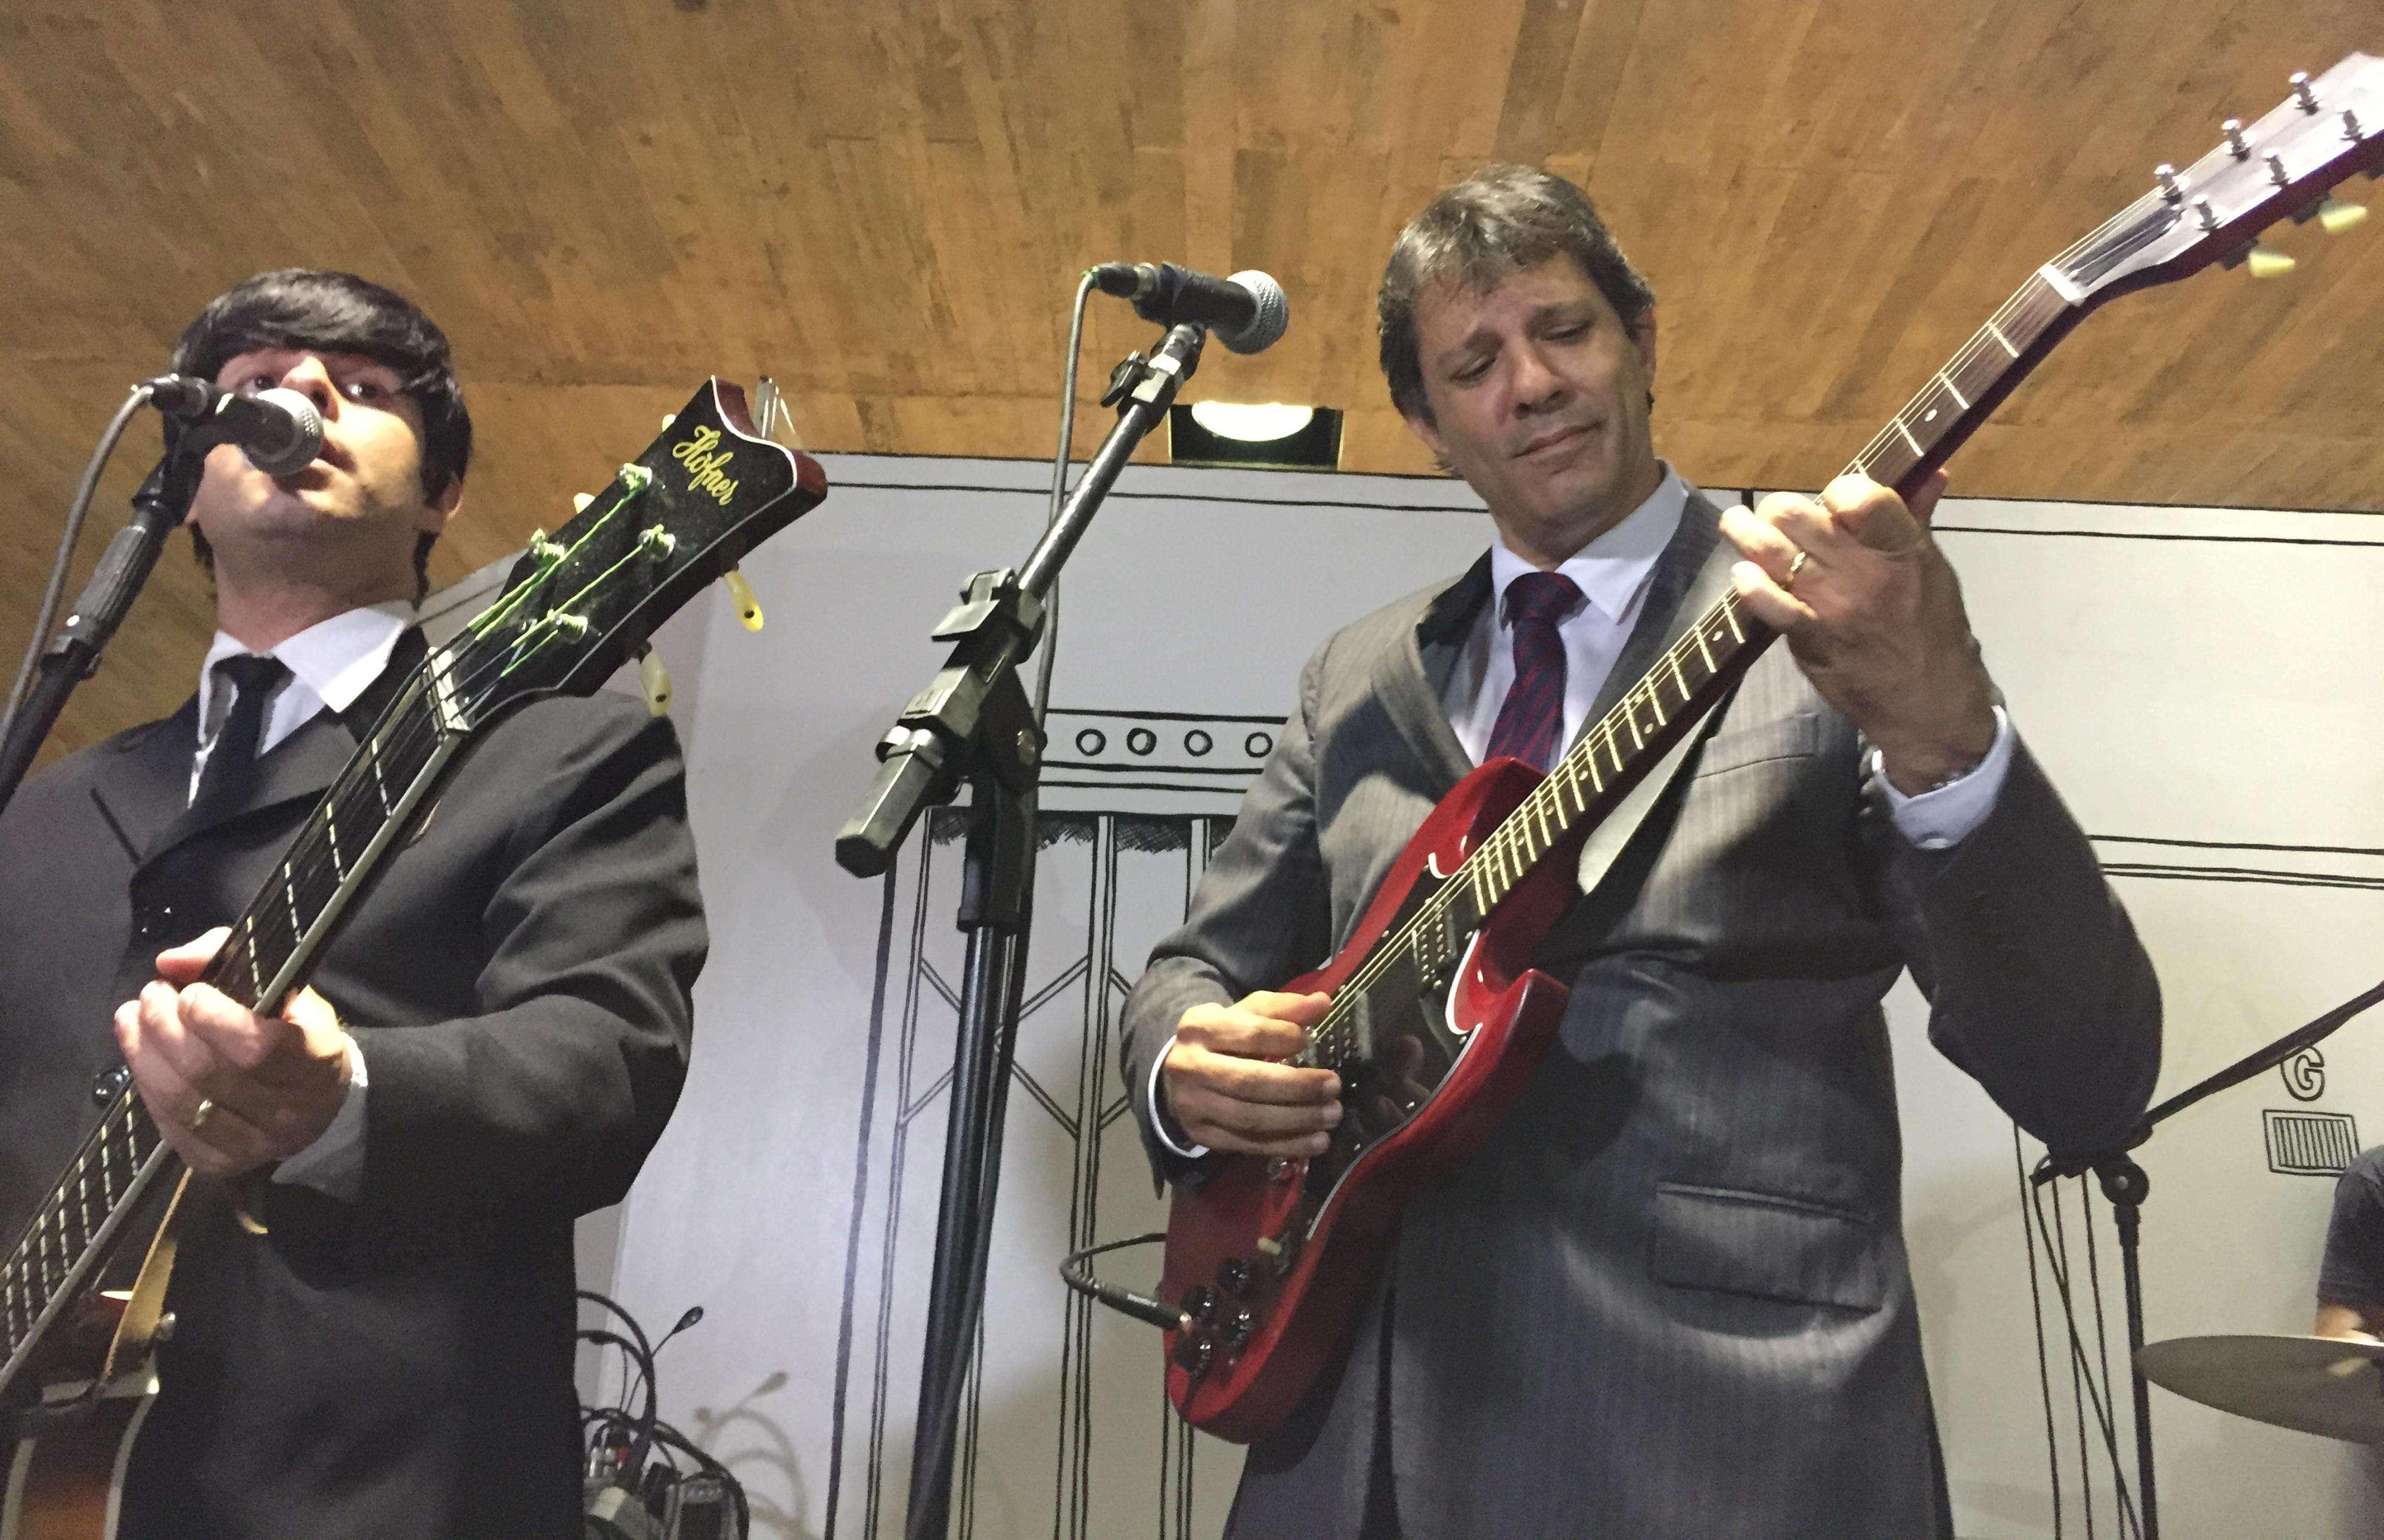 SP: Haddad toca música dos Beatles em abertura de exposição Foto: Paulo Pinto / Fotos Públicas/Divulgação